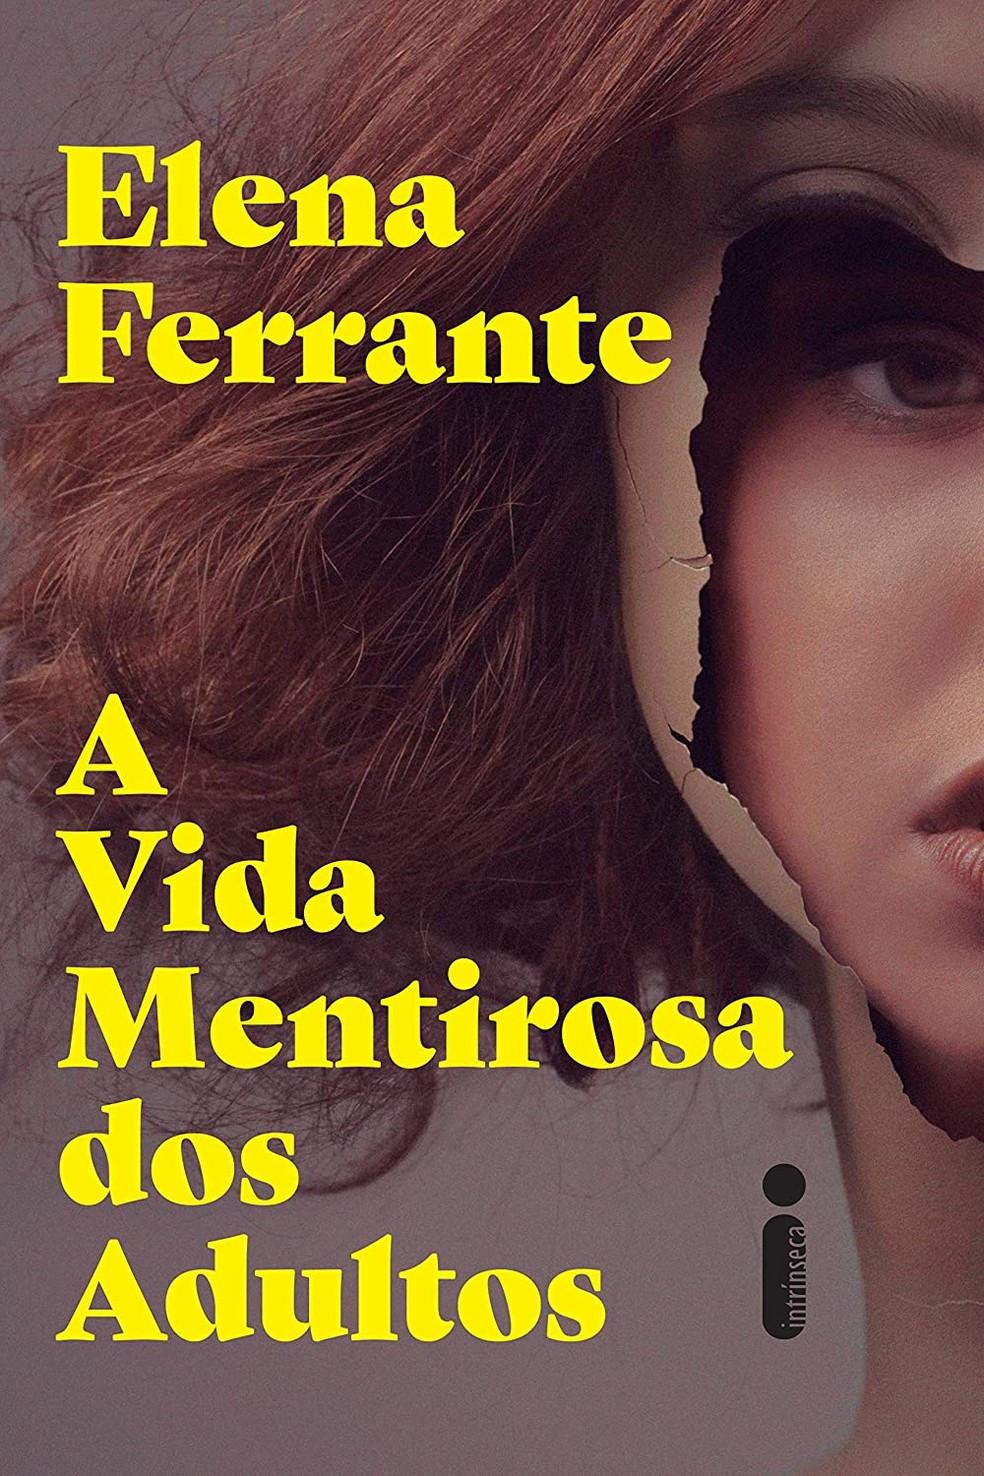 A Vida Mentirosa dos Adultos é o oitavo romance de Elena Ferrante